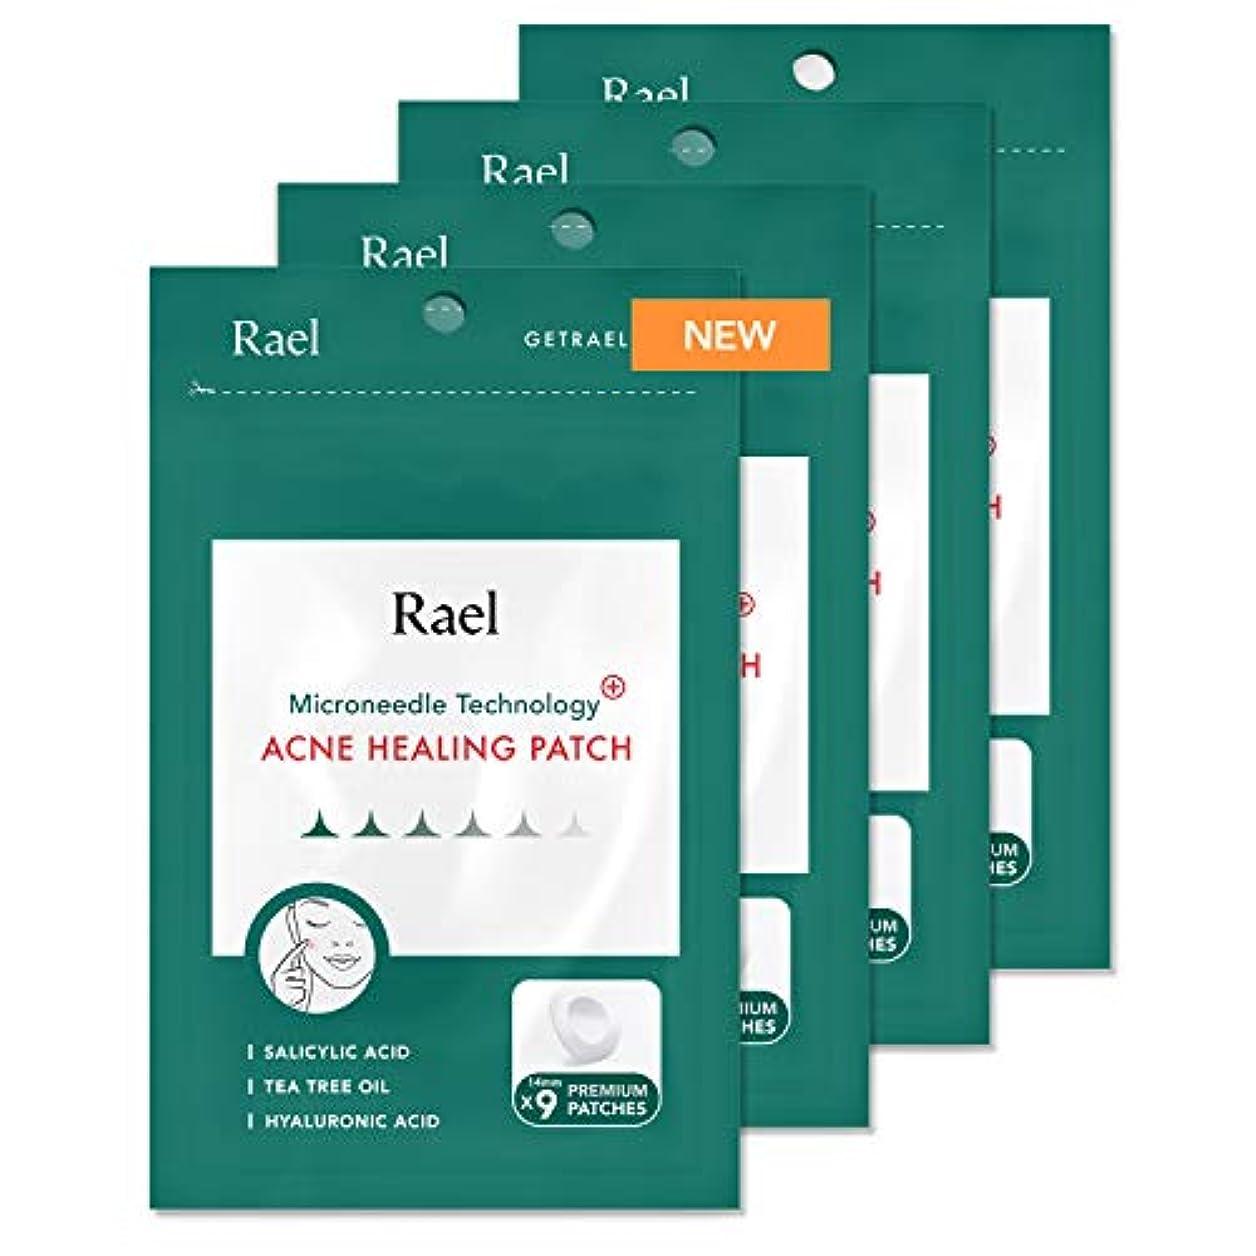 鳴り響く流暢簡単にRael Microneedle テクノロジー アクネヒーリングスポットパッチ (クイック鎮静効果,ニキビ傷治療) 14mm, 9個入 x 4 (36個)